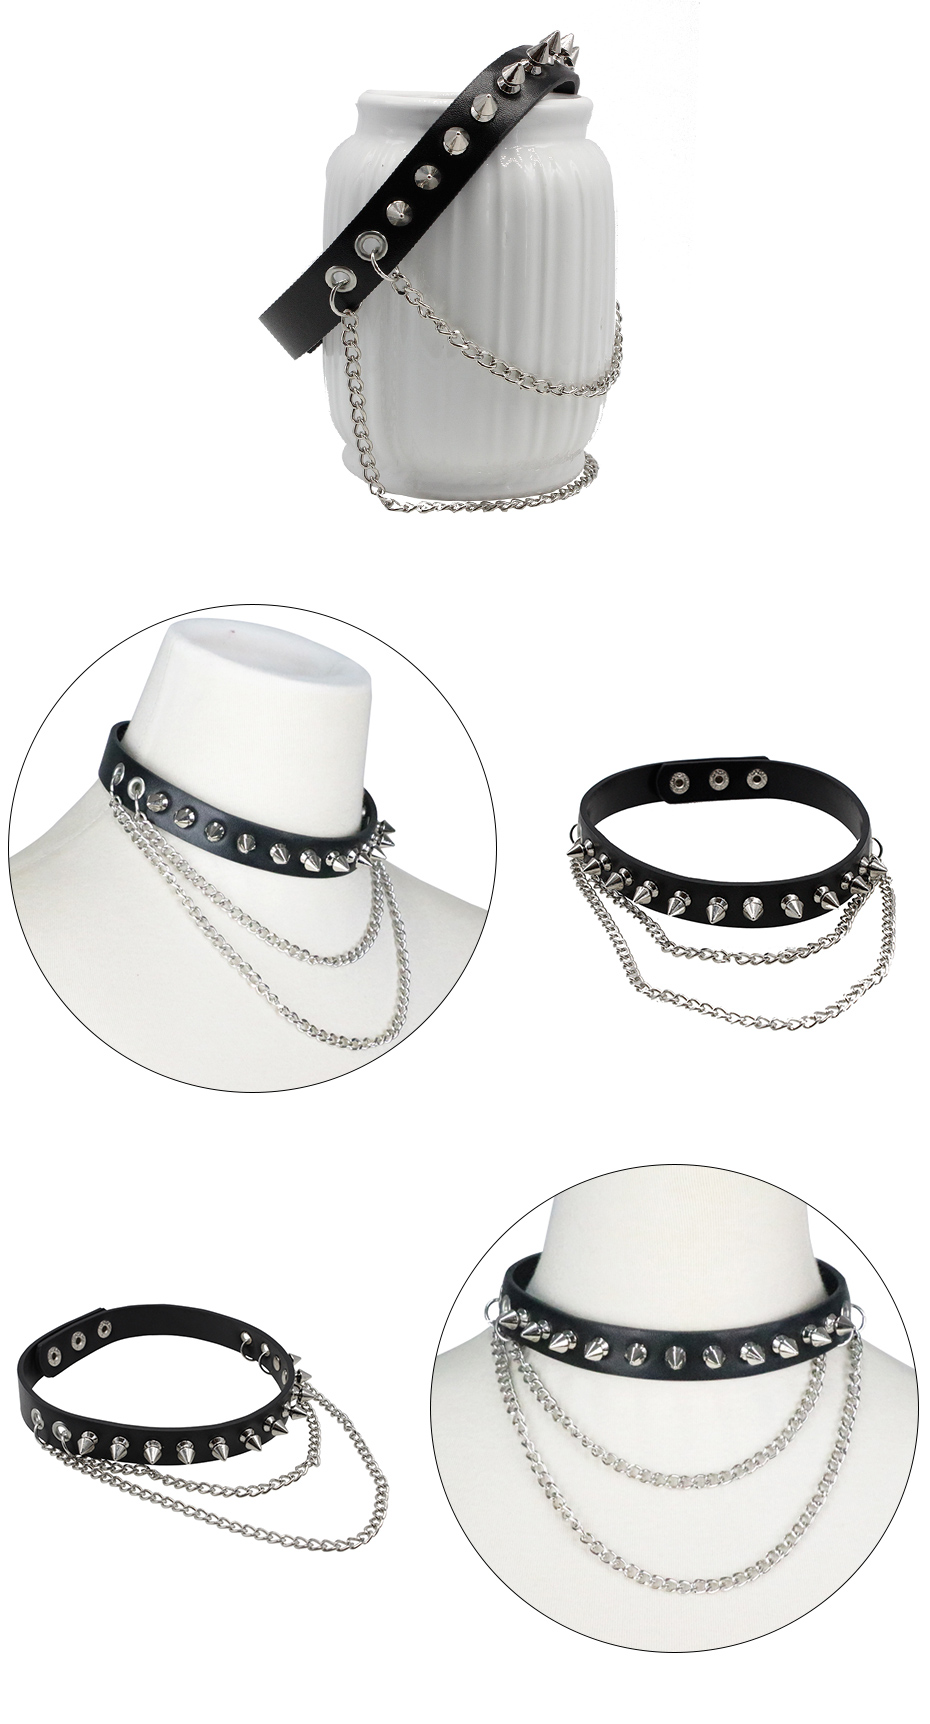 BM-necklace-002_04